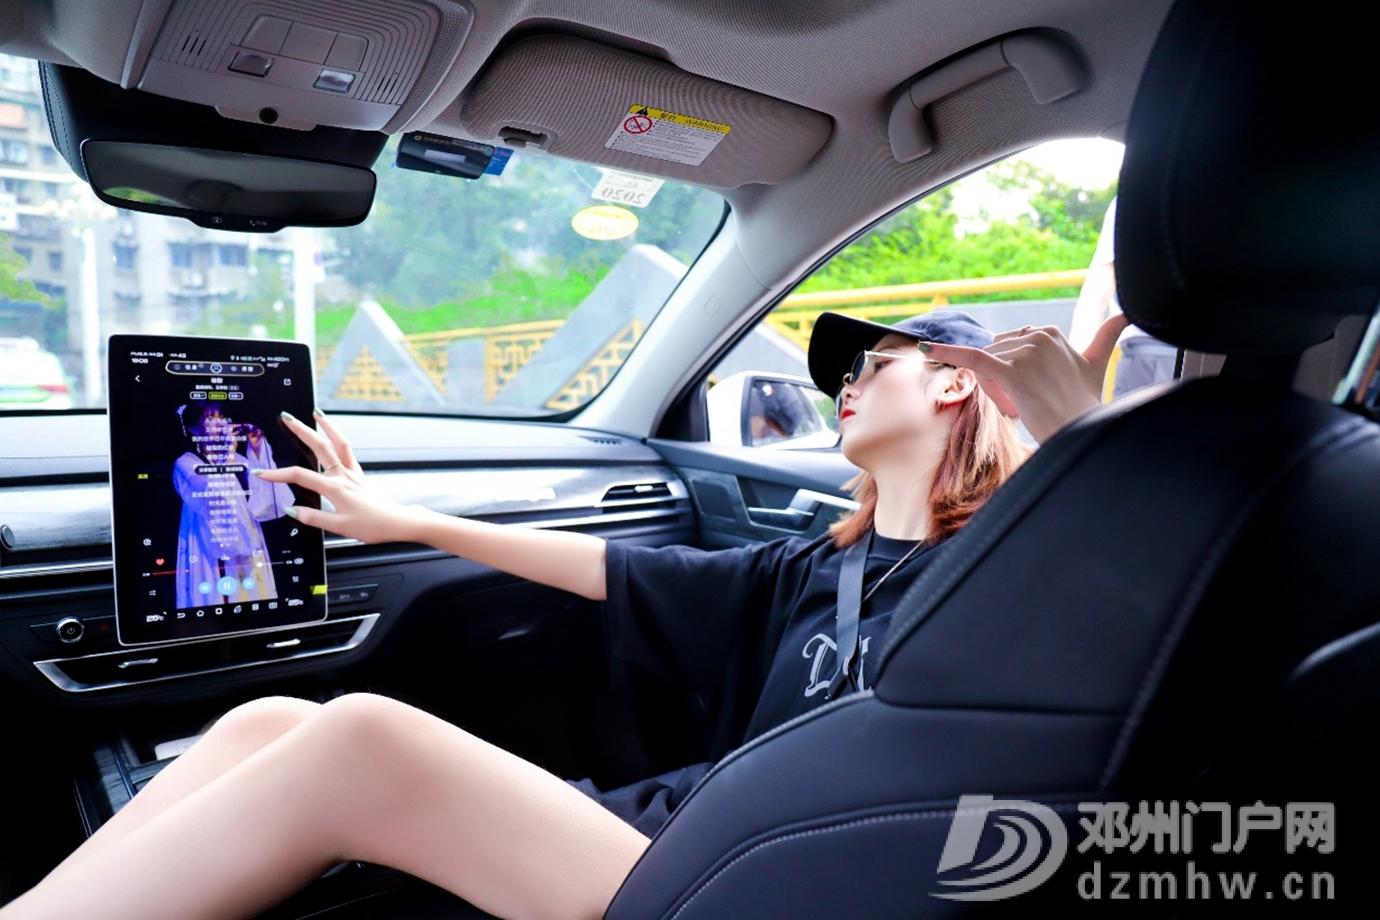 秦Pro DM车主的嘻哈生活 - 邓州门户网|邓州网 - a19.jpg